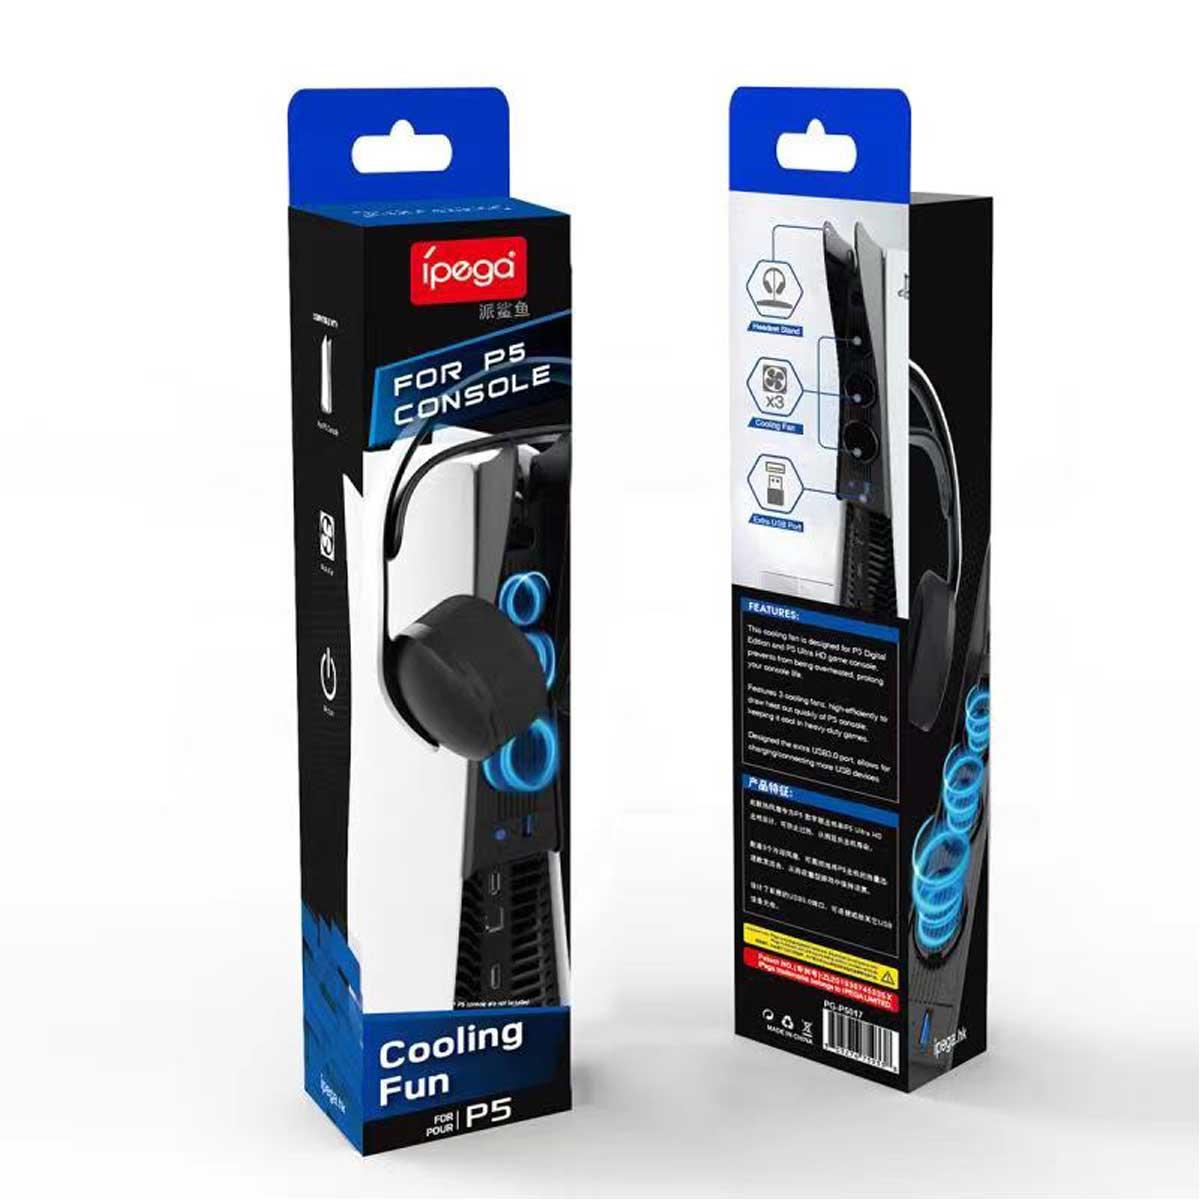 خرید فن خنک کننده پلی استیشن 5 مدل Ipega pg-p5017